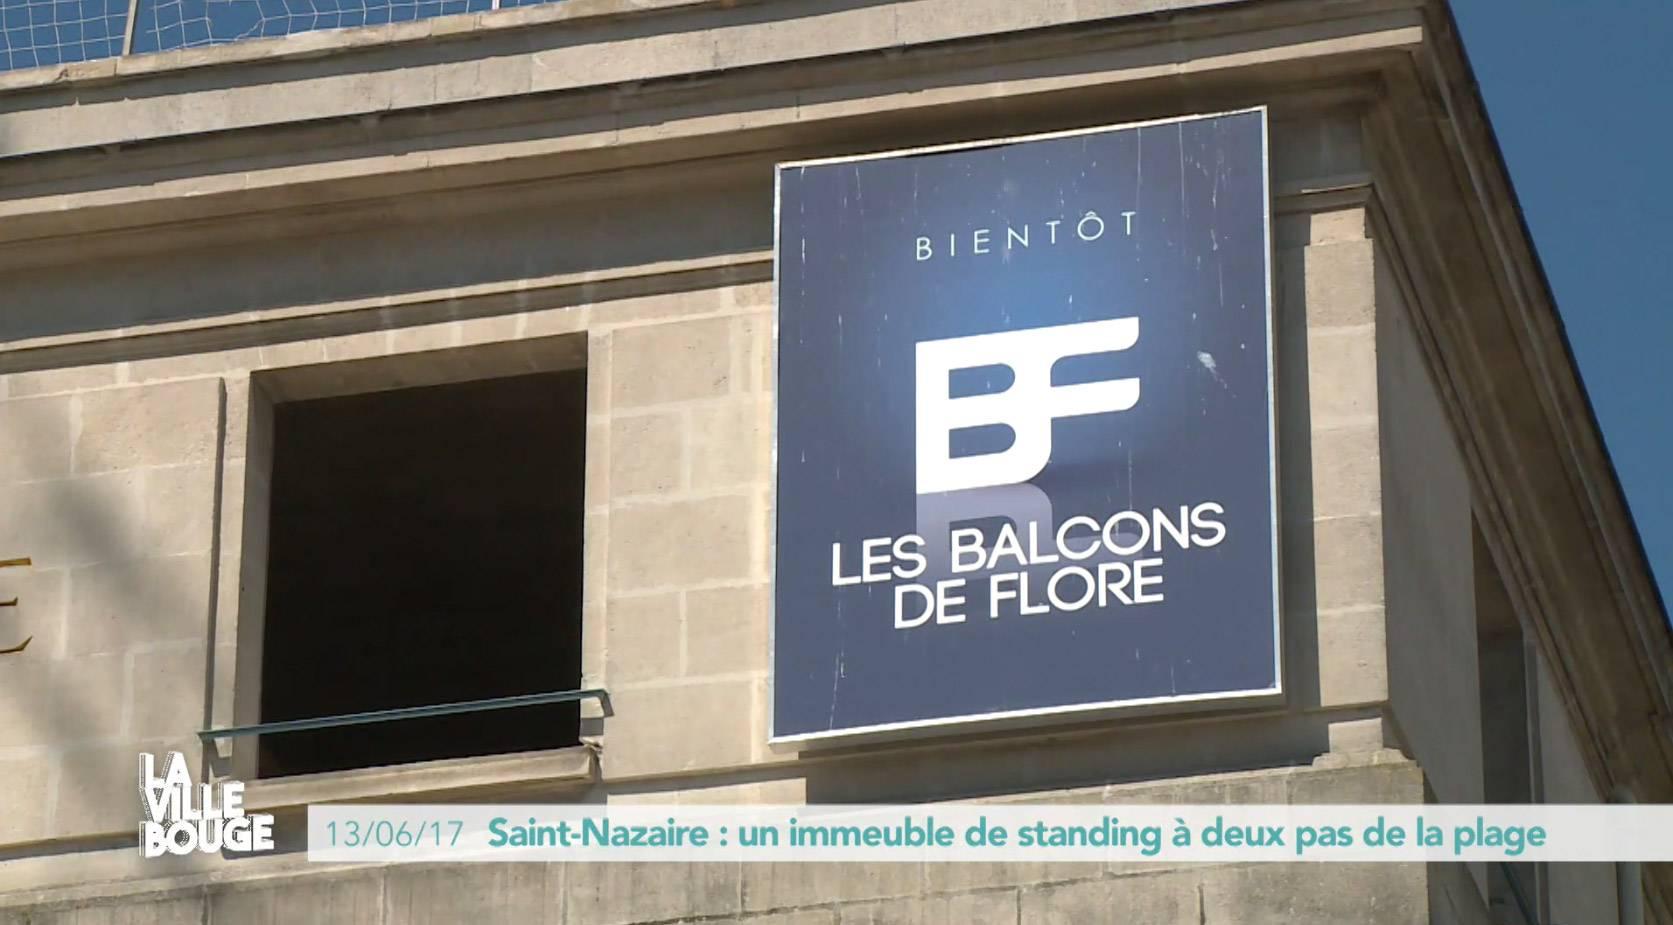 L'ancienne Banque de France à Saint Nazaire devient Les Balcons de Flore, une résidence de standing -Groupe Cisn Atlantique